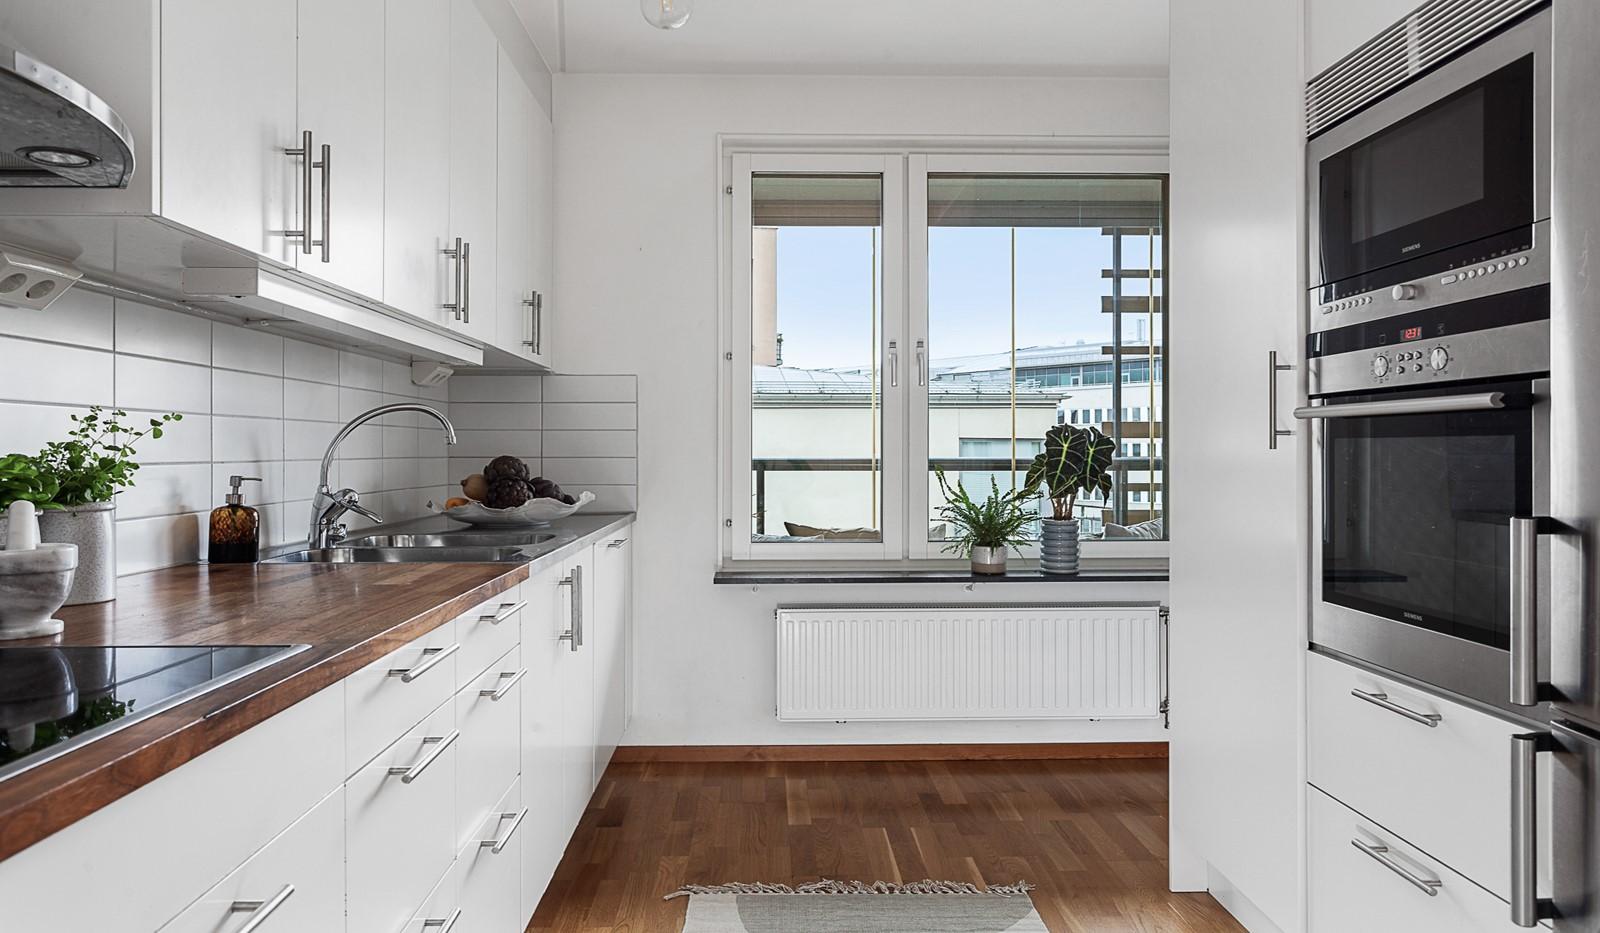 Grönbrinksgatan 10, 5 tr - Stilrent och modernt kök